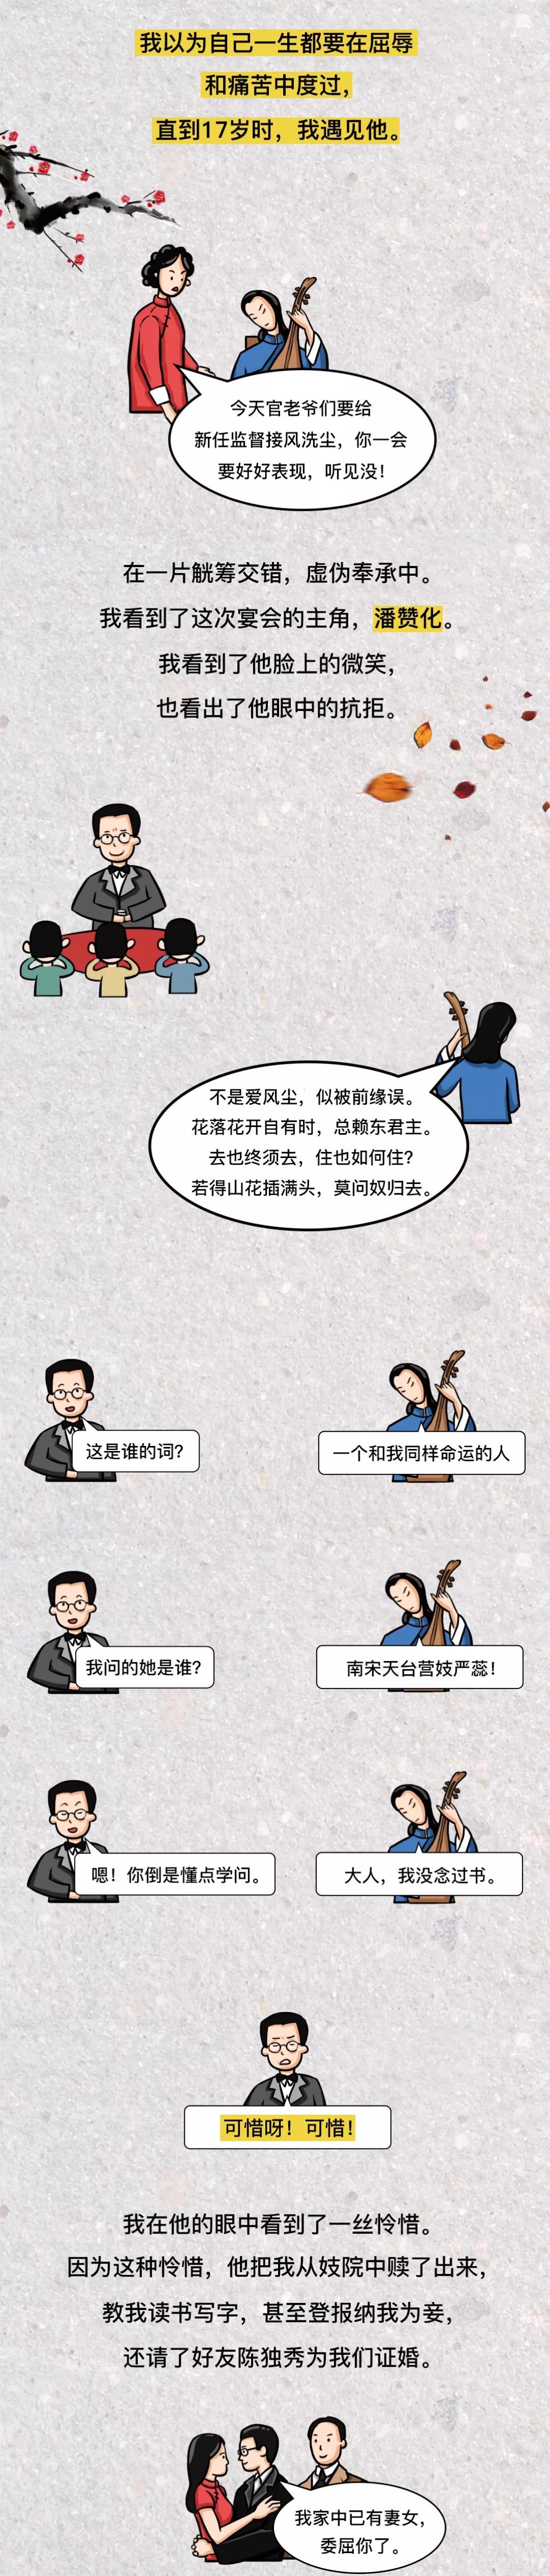 彩天下平台网址 8